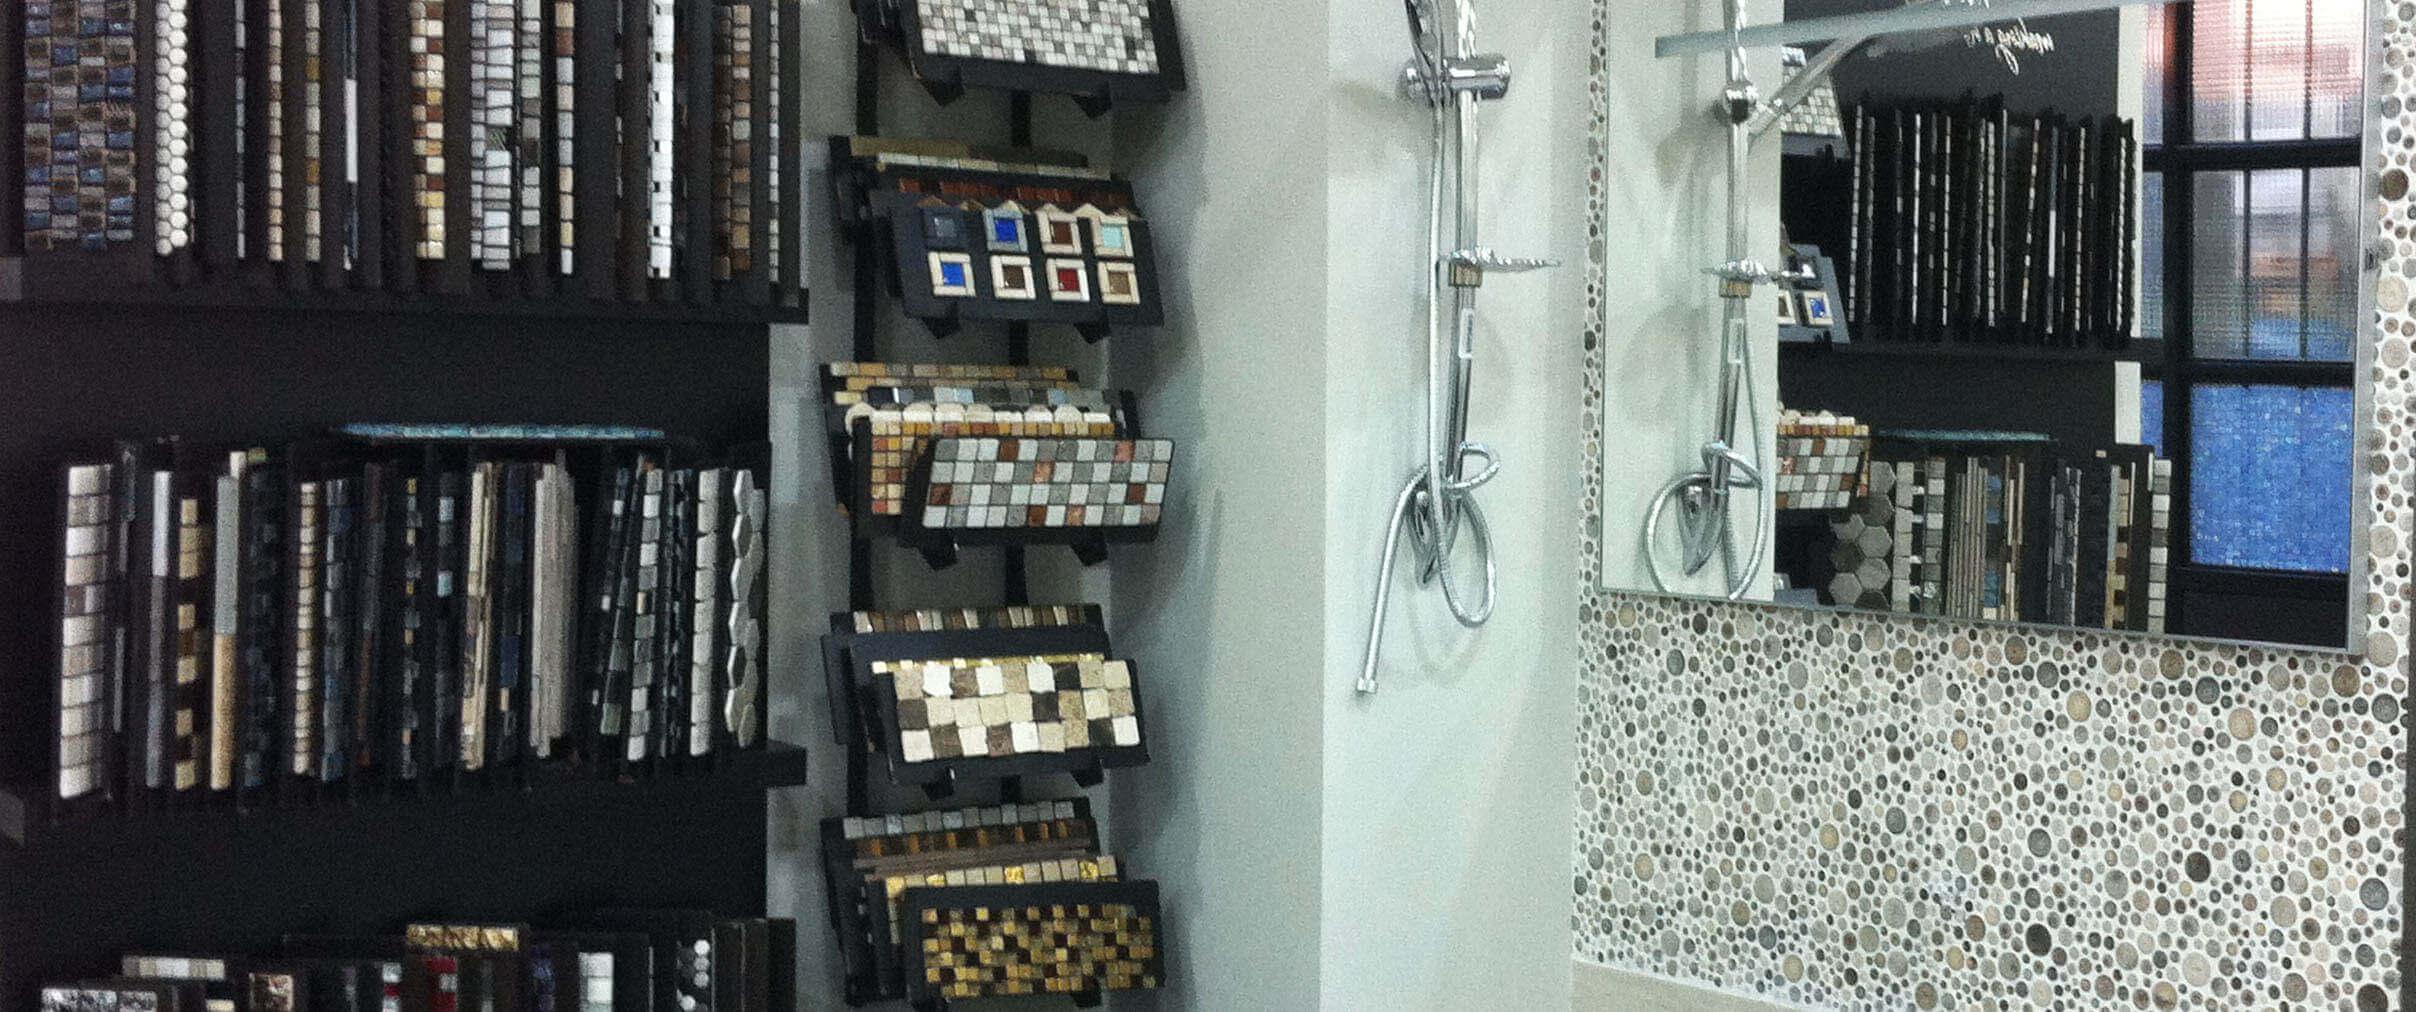 Vendita di piastrelle a mosaico e listelli a Collegno Torino